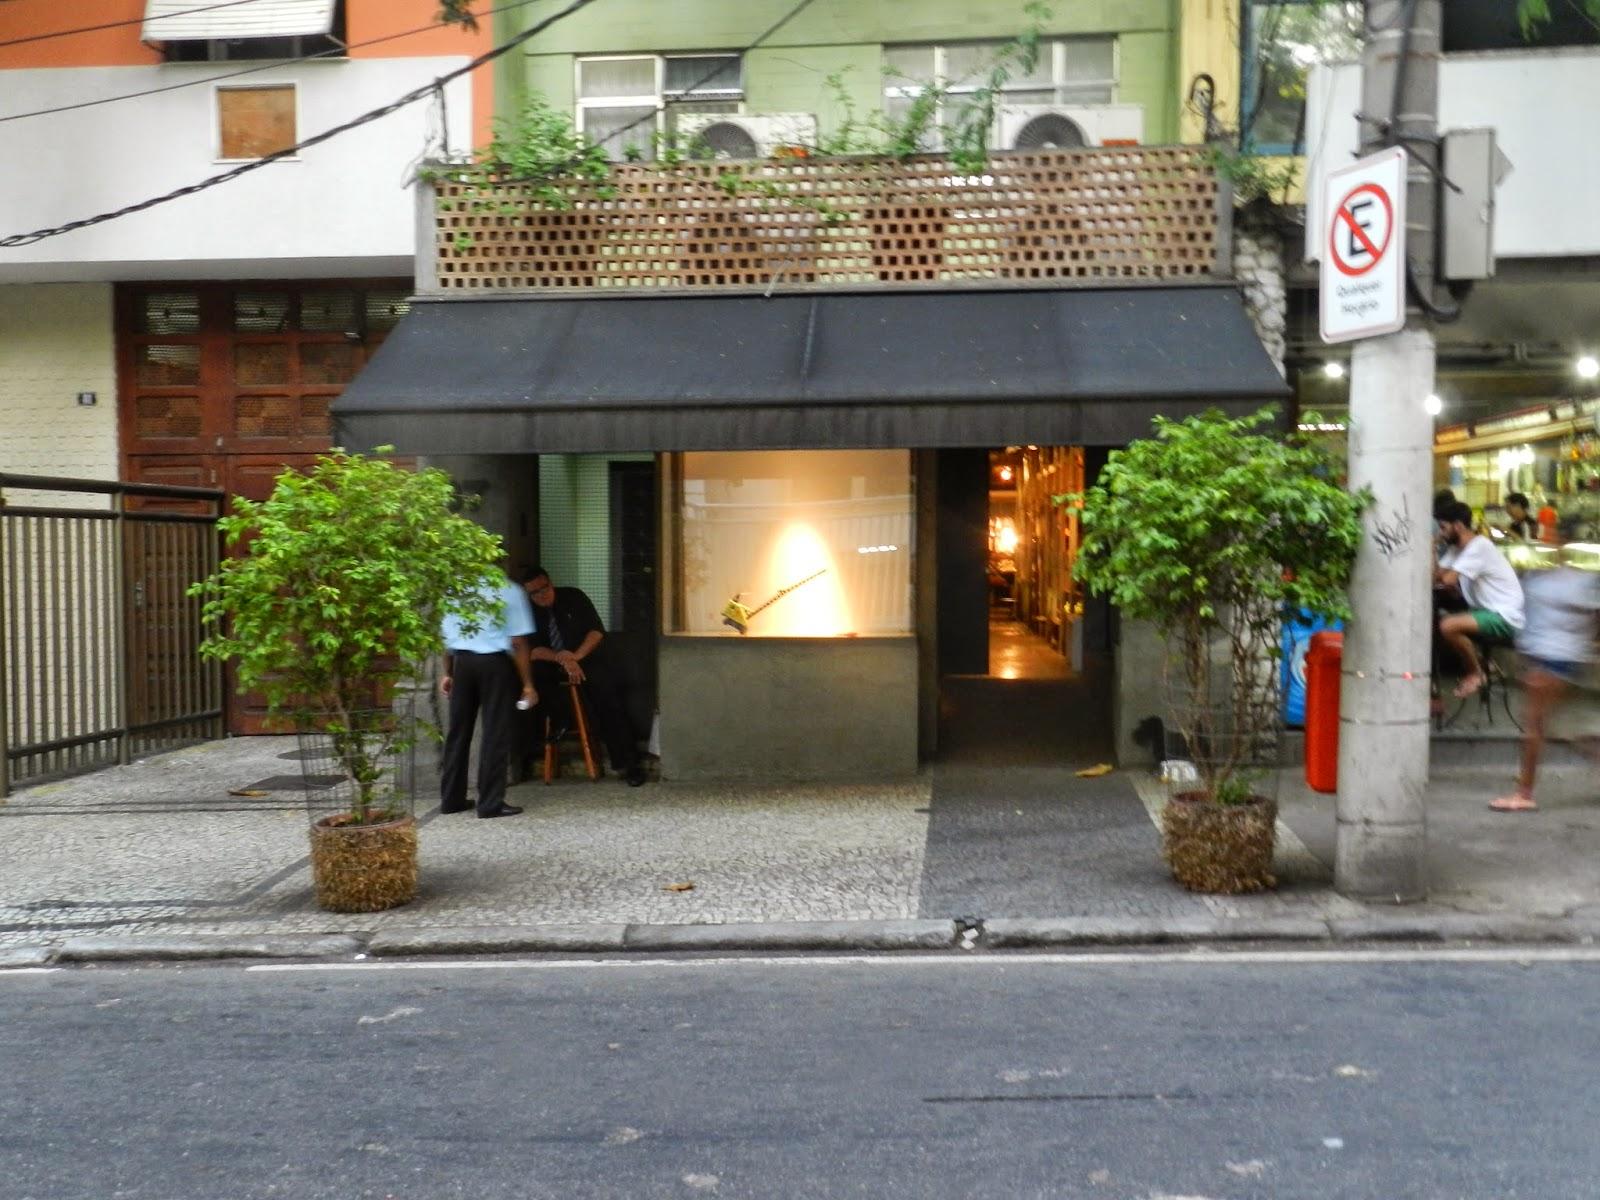 Charmosos estabelecimentos, de lojas a galerias de arte, compõem o mix de programas bacanas da rua Lopes Quintas, no Jardim Botânico ©Reprodução